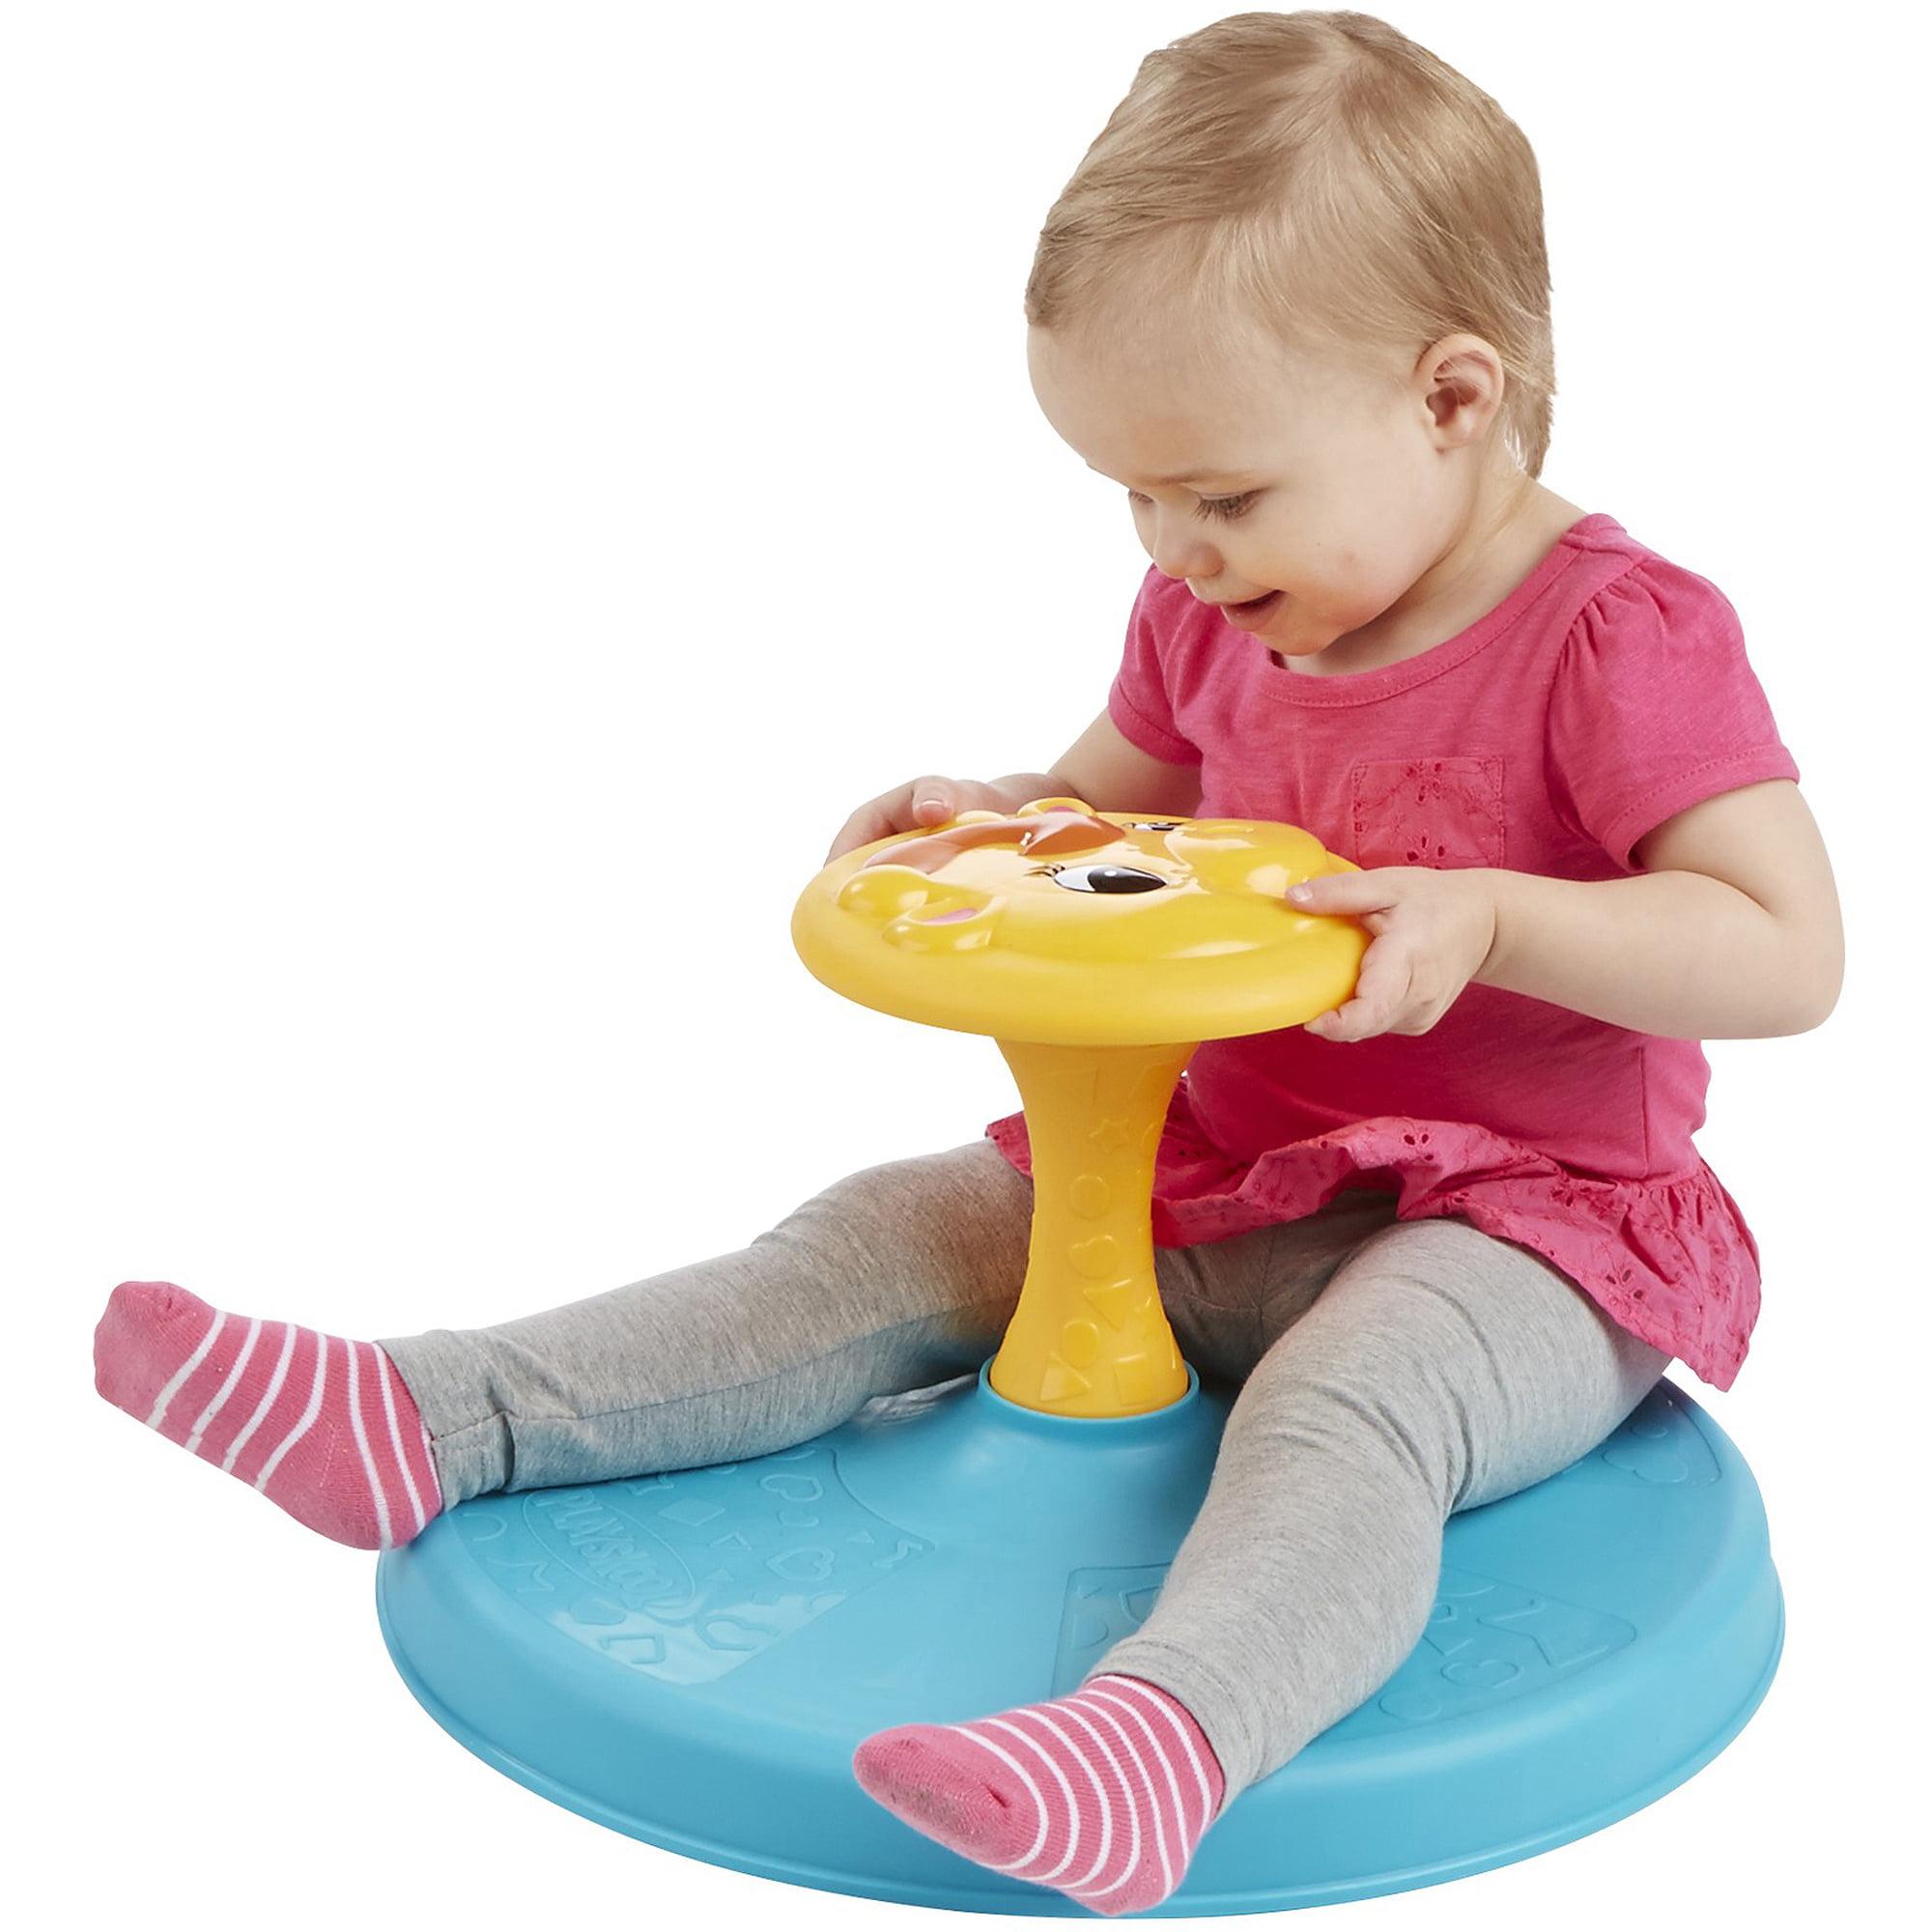 Playskool Giraffalaff Sit n Spin Toy Walmart